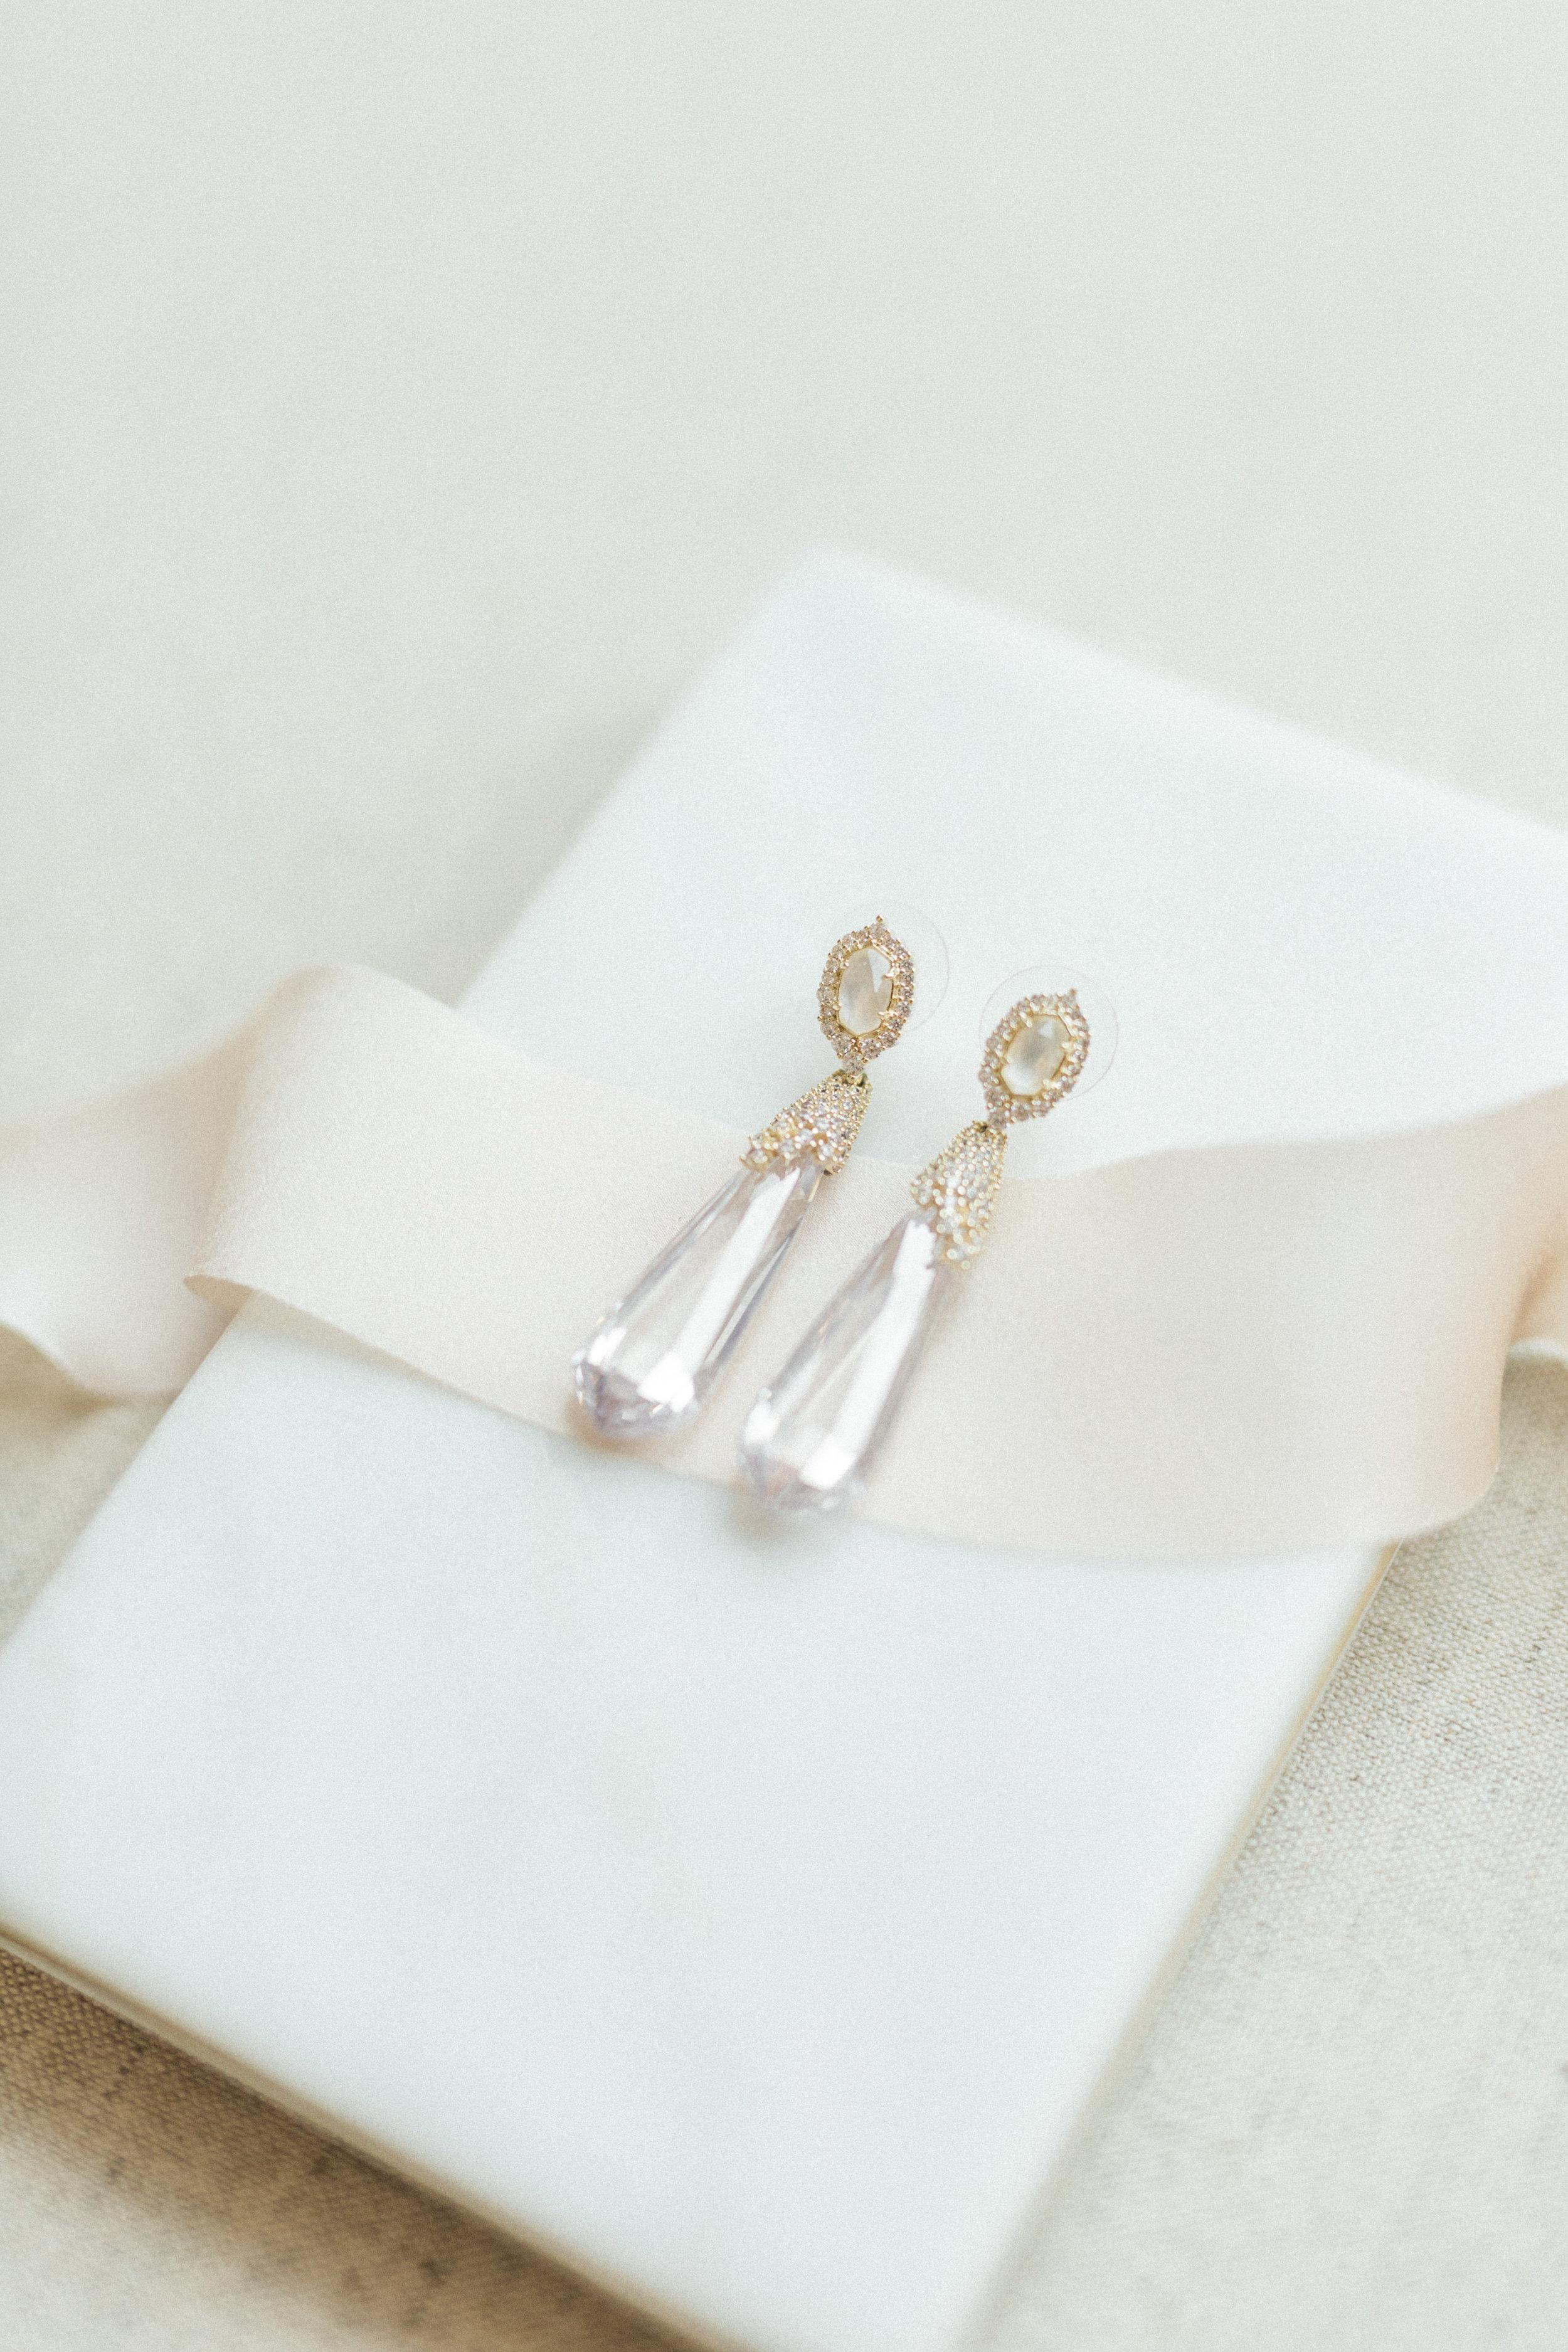 Wedding Day Jewelry Earrings from Kendra Scott   Fine Art European Inspired Wedding